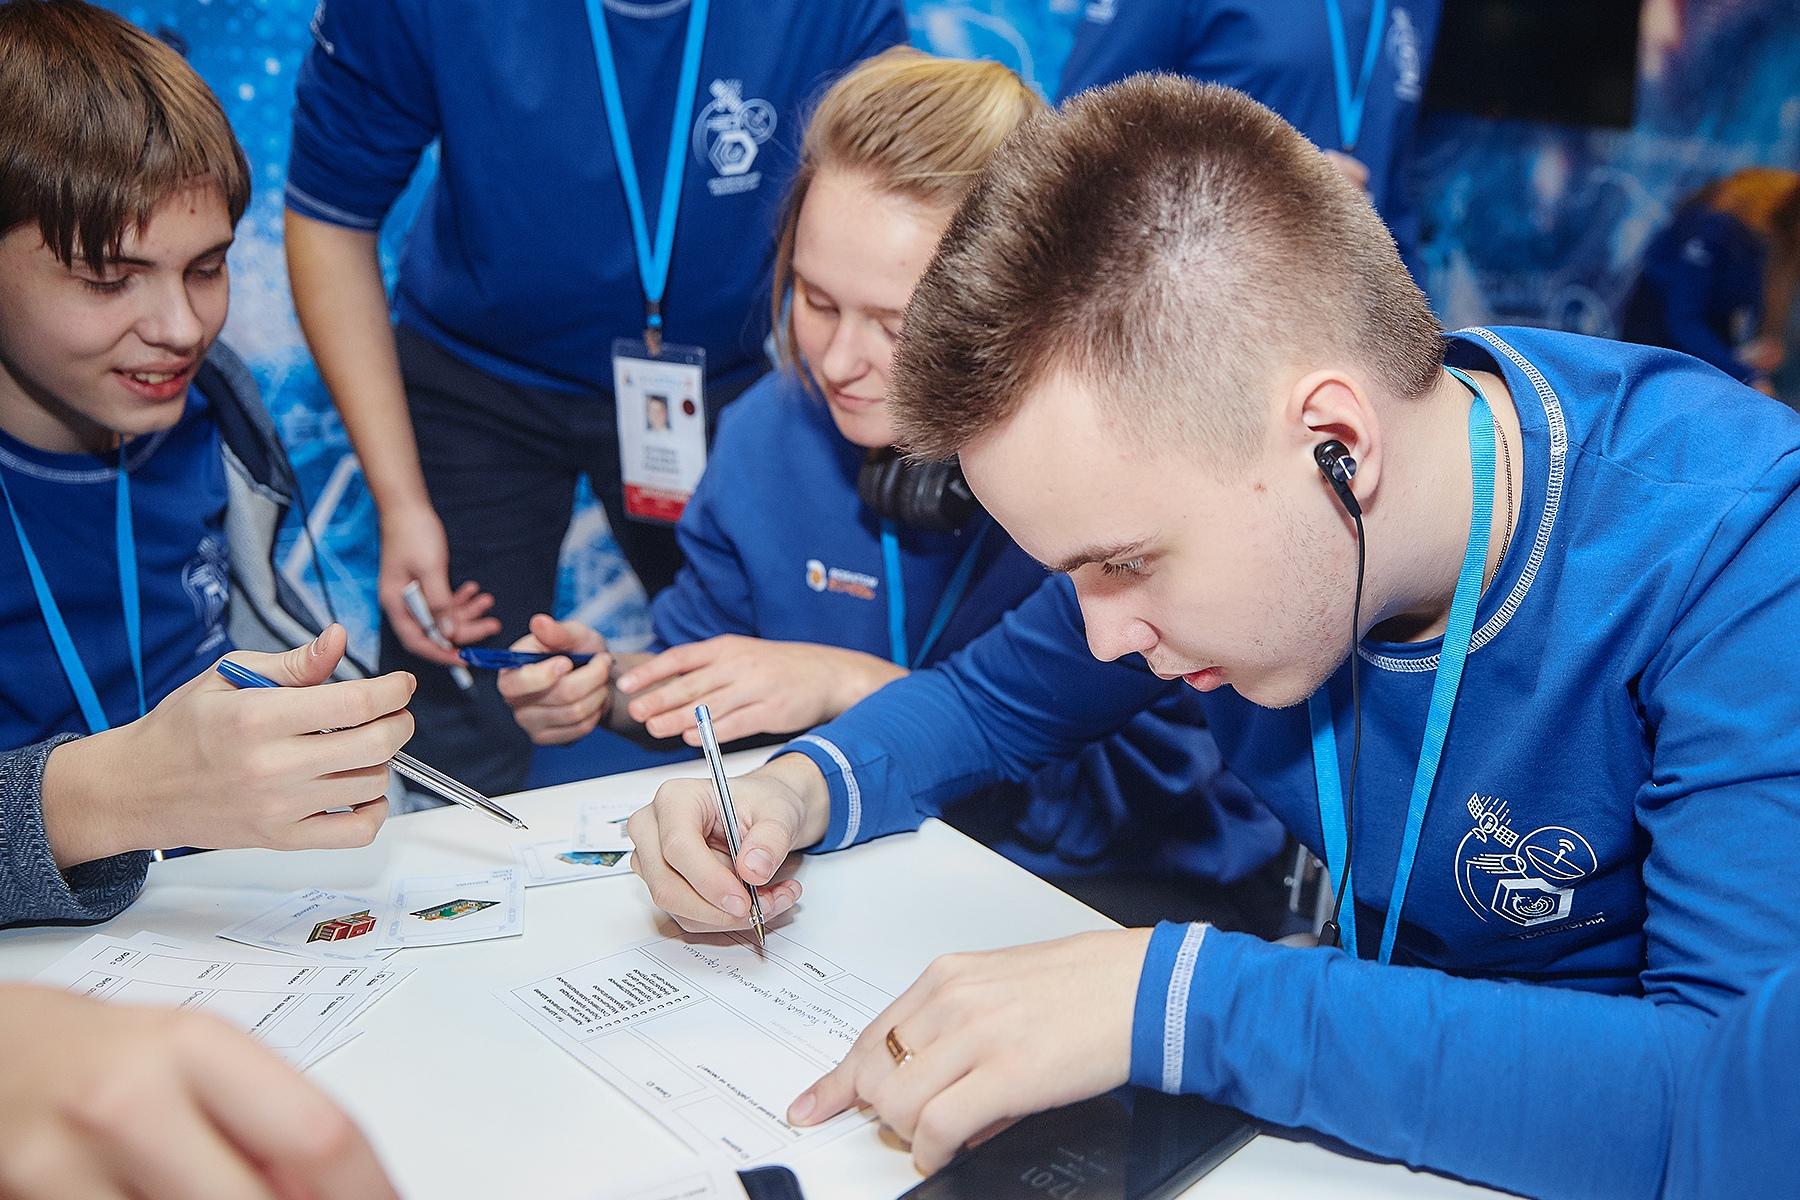 Школьники из Оренбурга победили в конкурсе сценариев мультфильмов Всероссийского масштаба